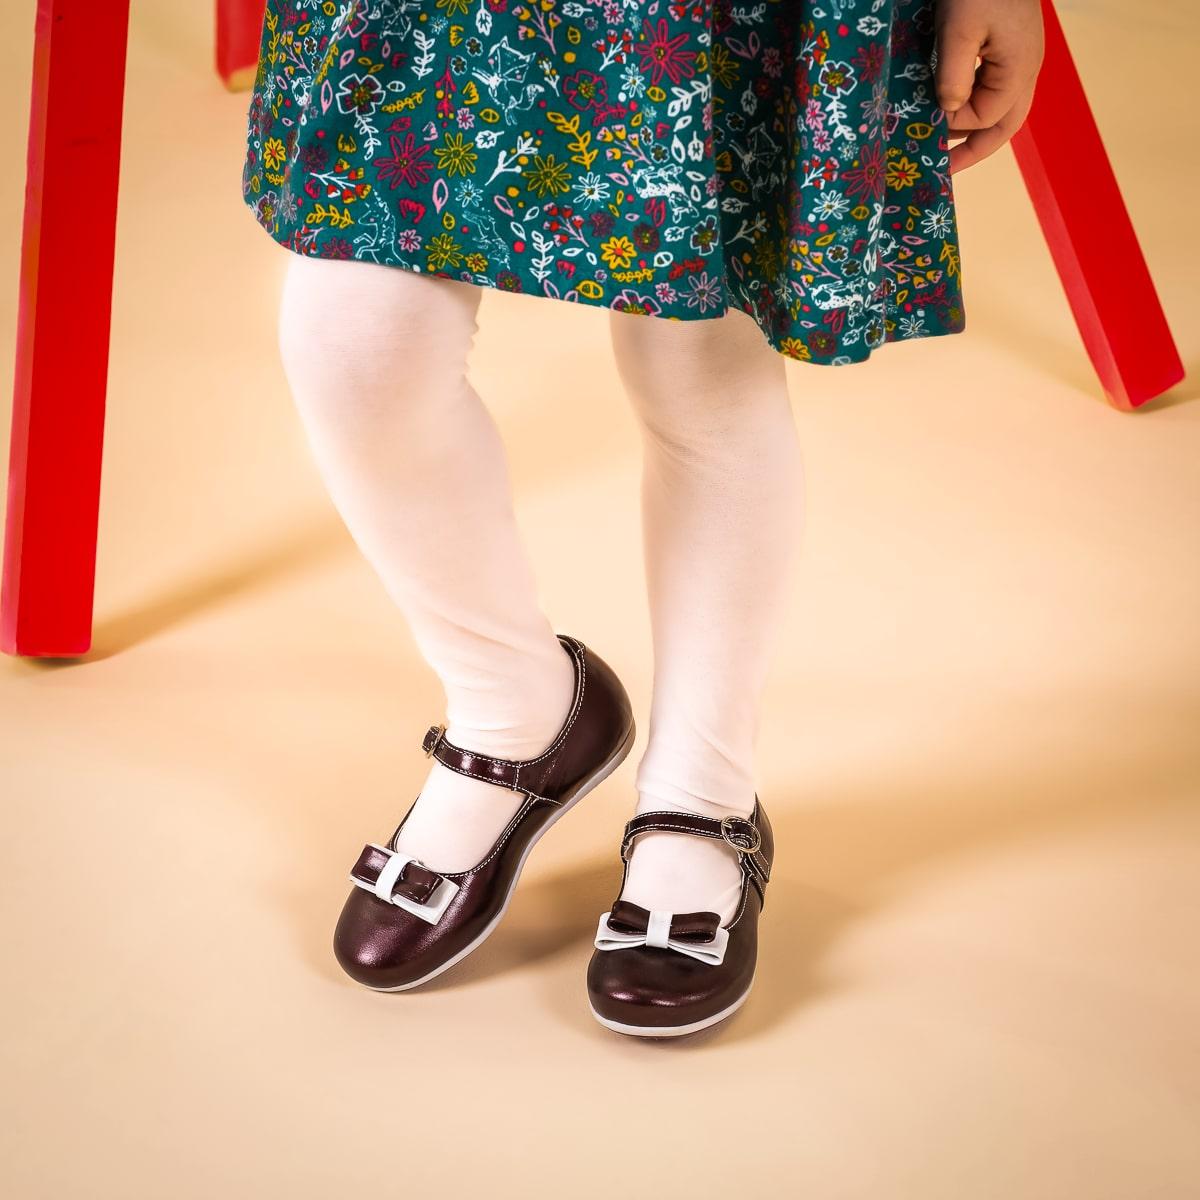 pantofi copii mici